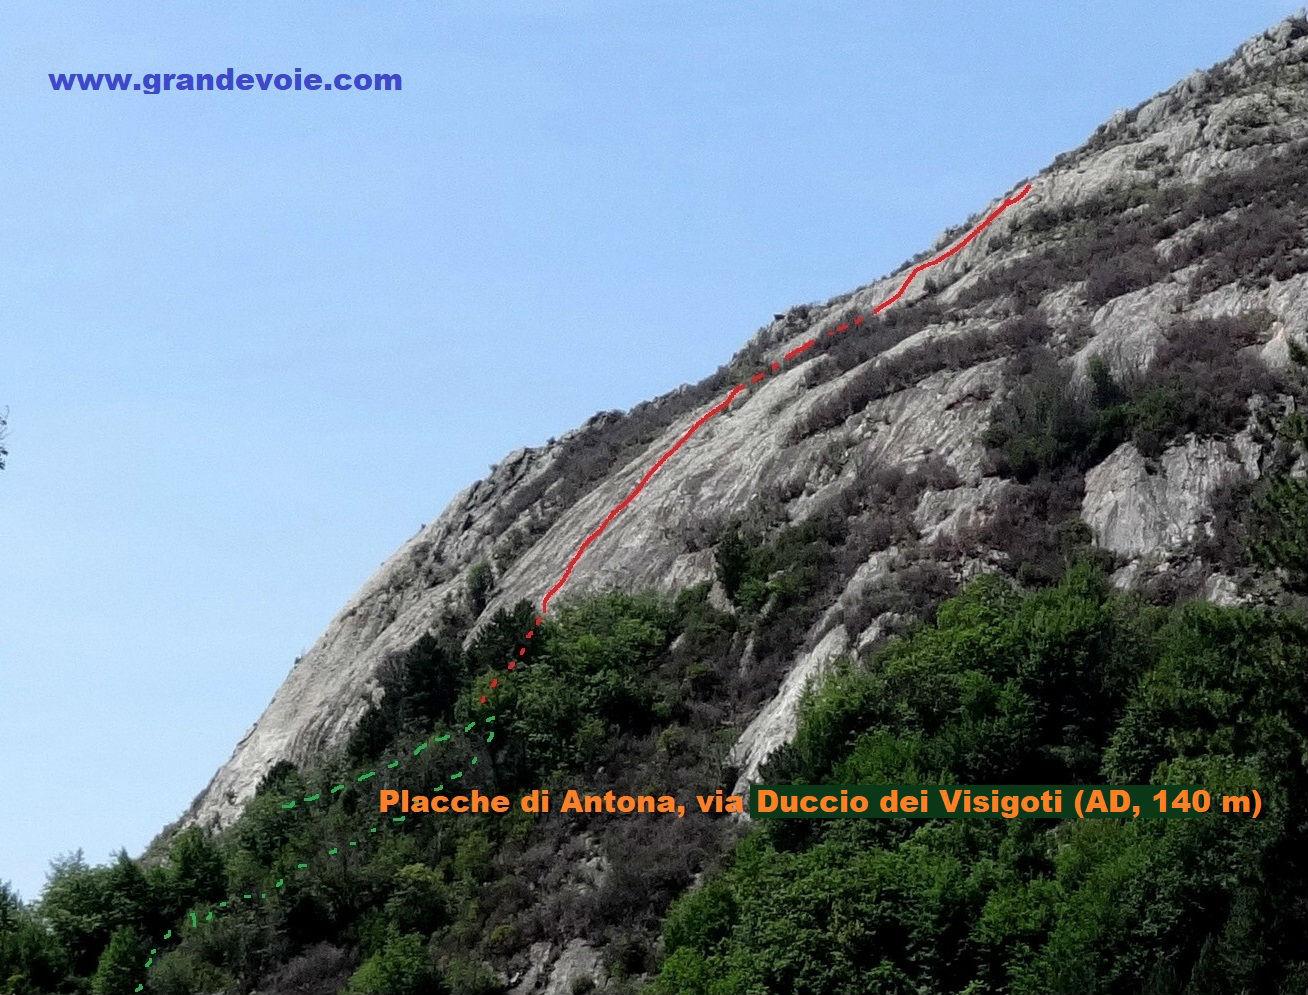 Placche Di Antona, voie Duccio dei visigoti, Toscane